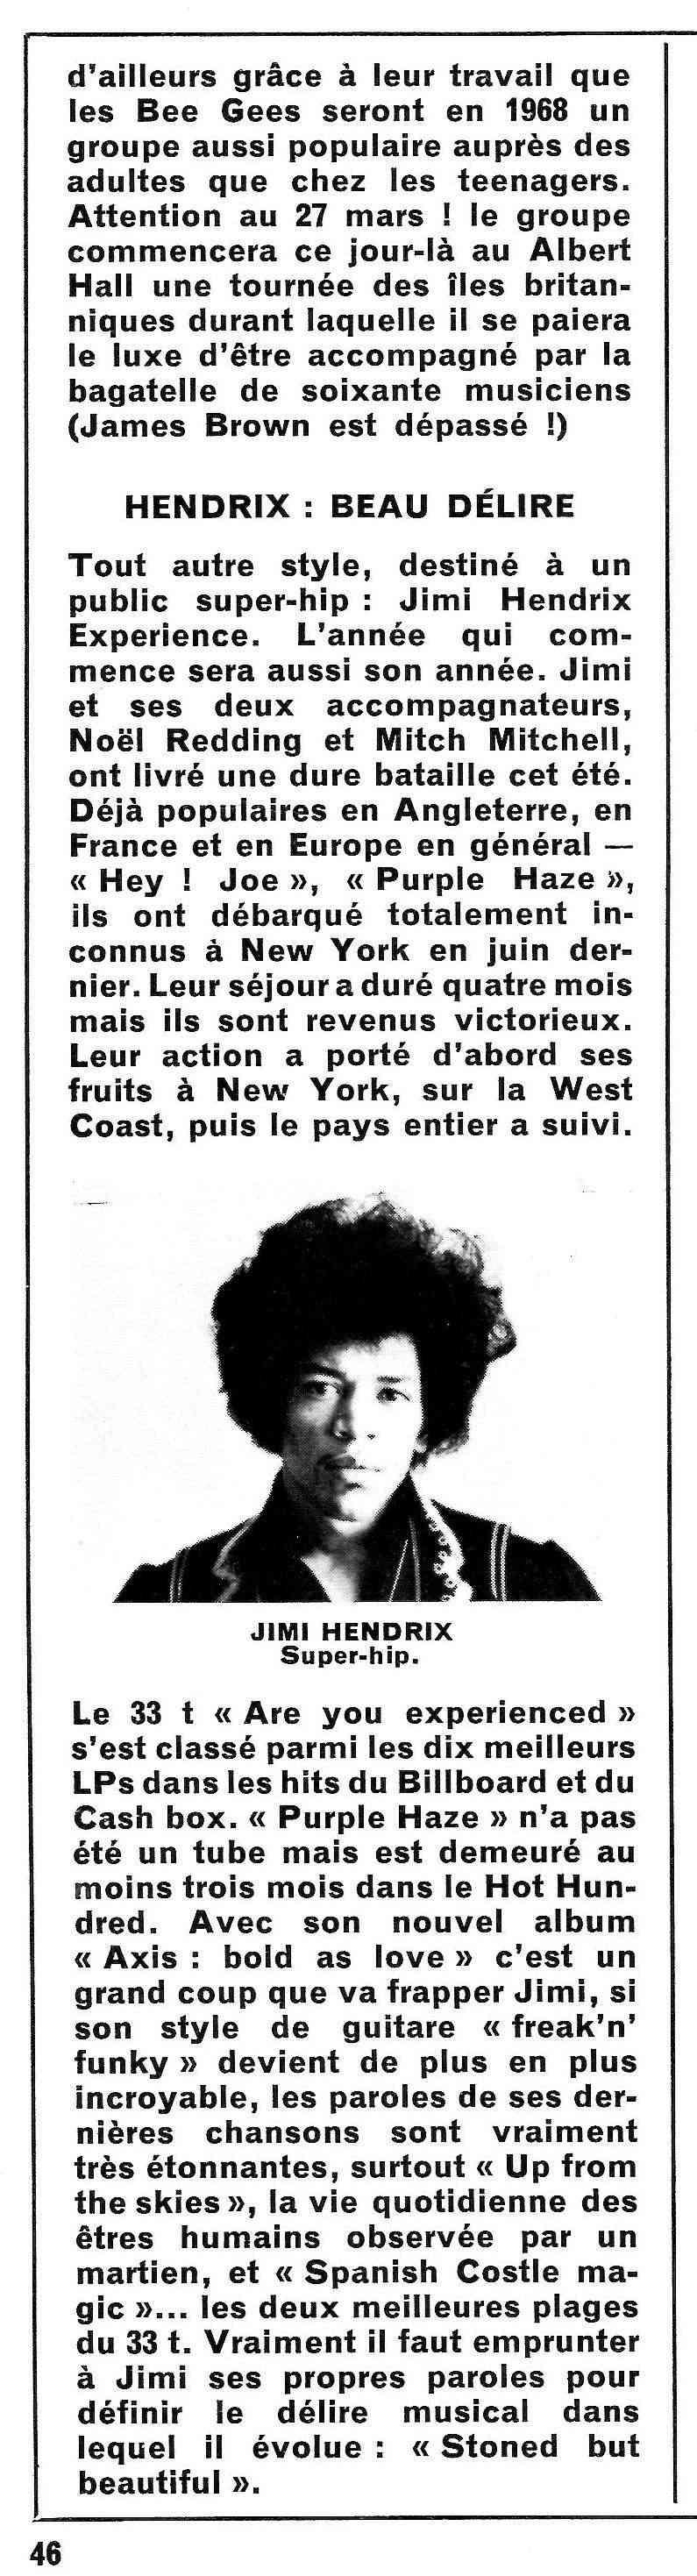 Jimi Hendrix dans la presse musicale française des années 60, 70 & 80 Rf_14110